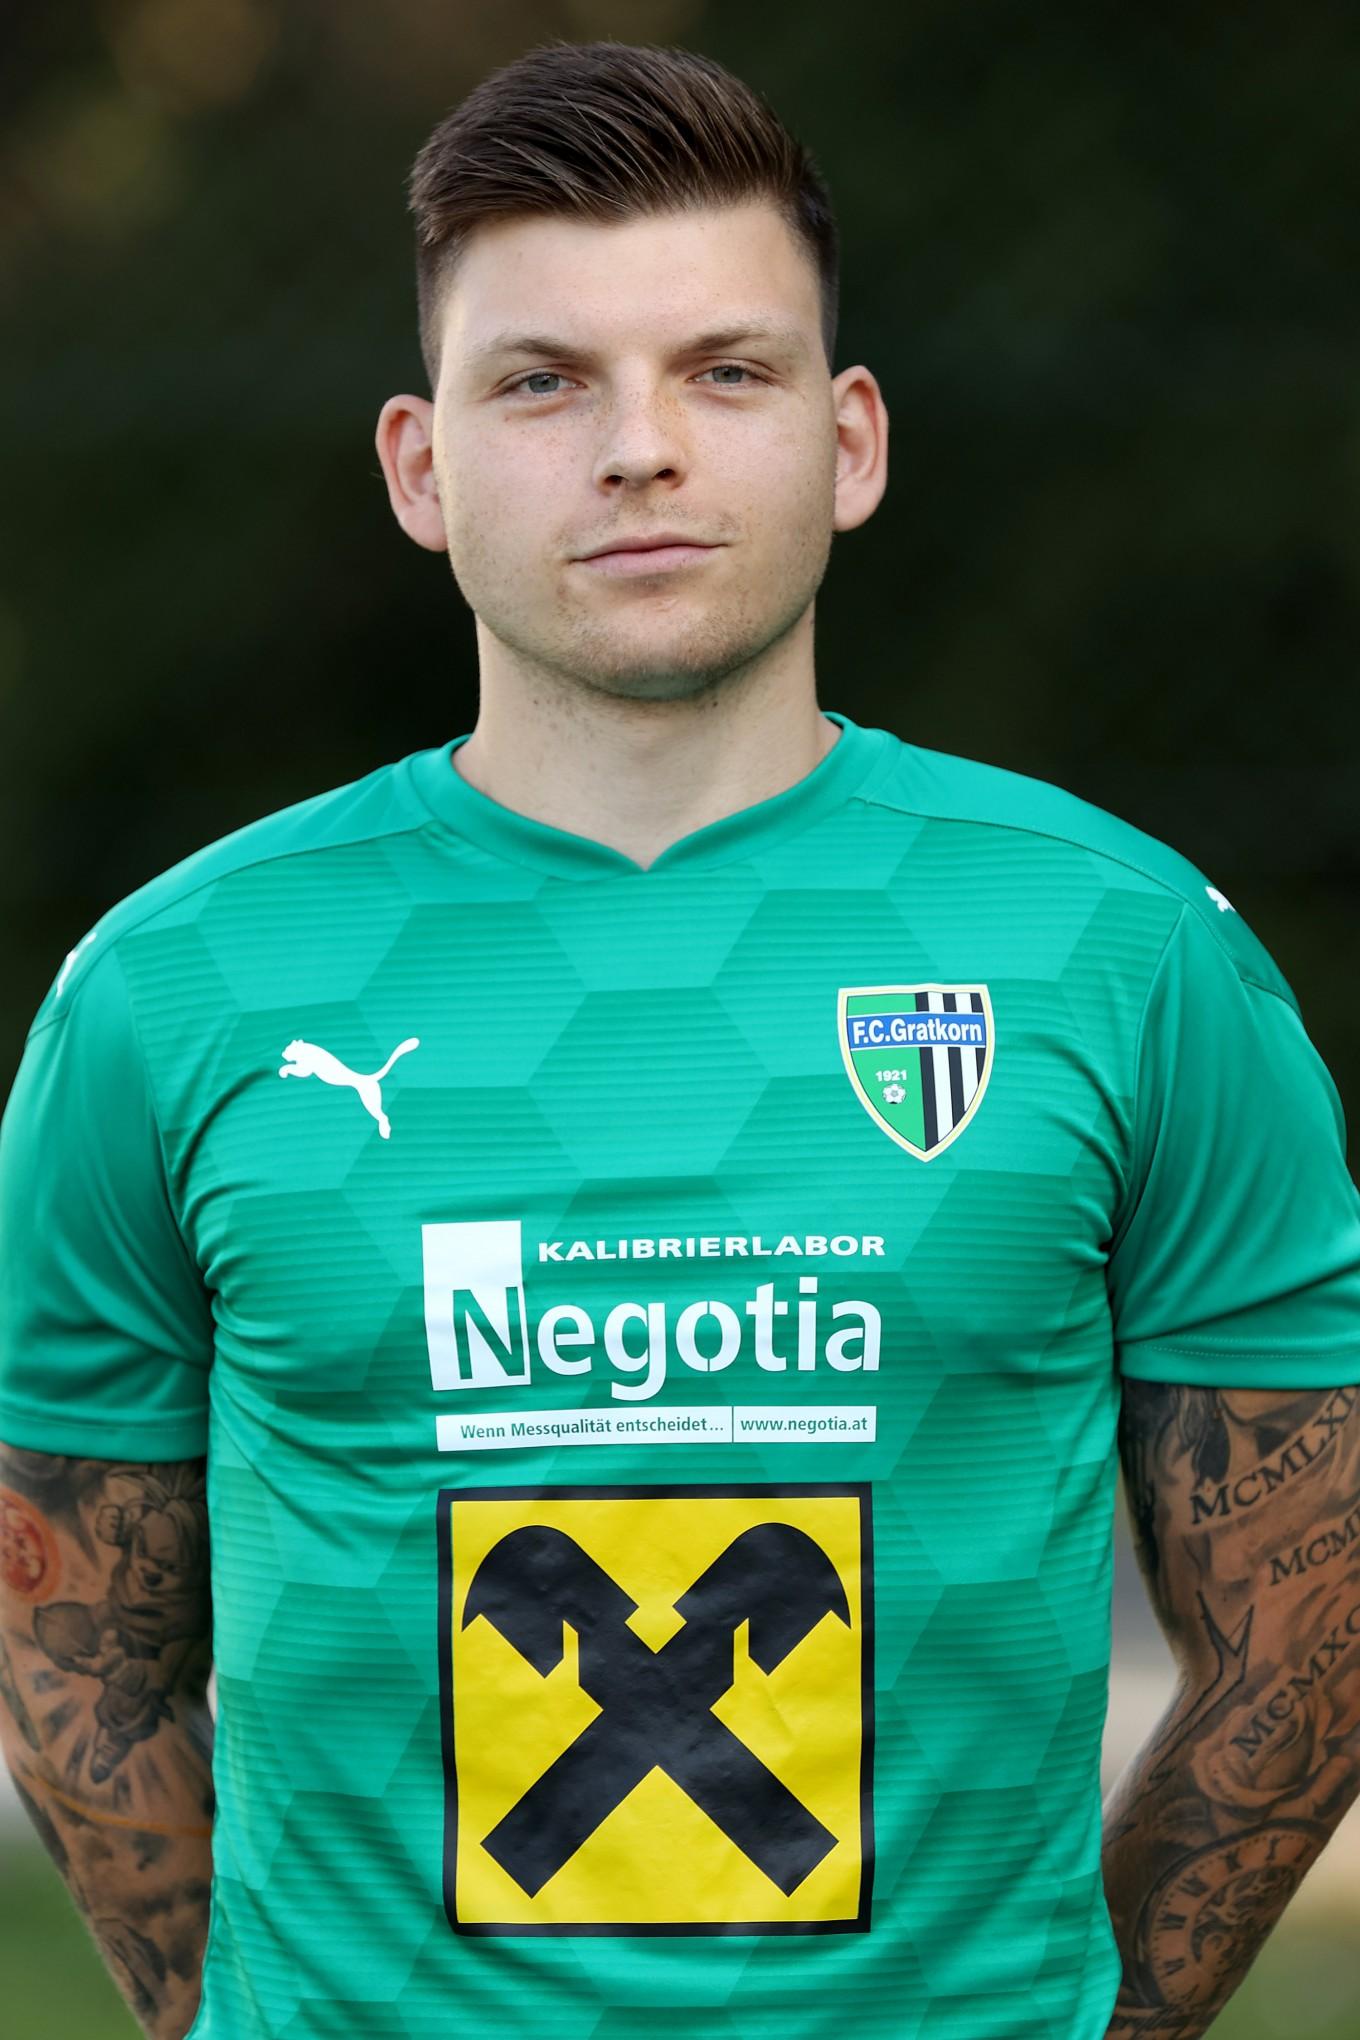 Patrik Lukacs, Sturm FC Gratkorn